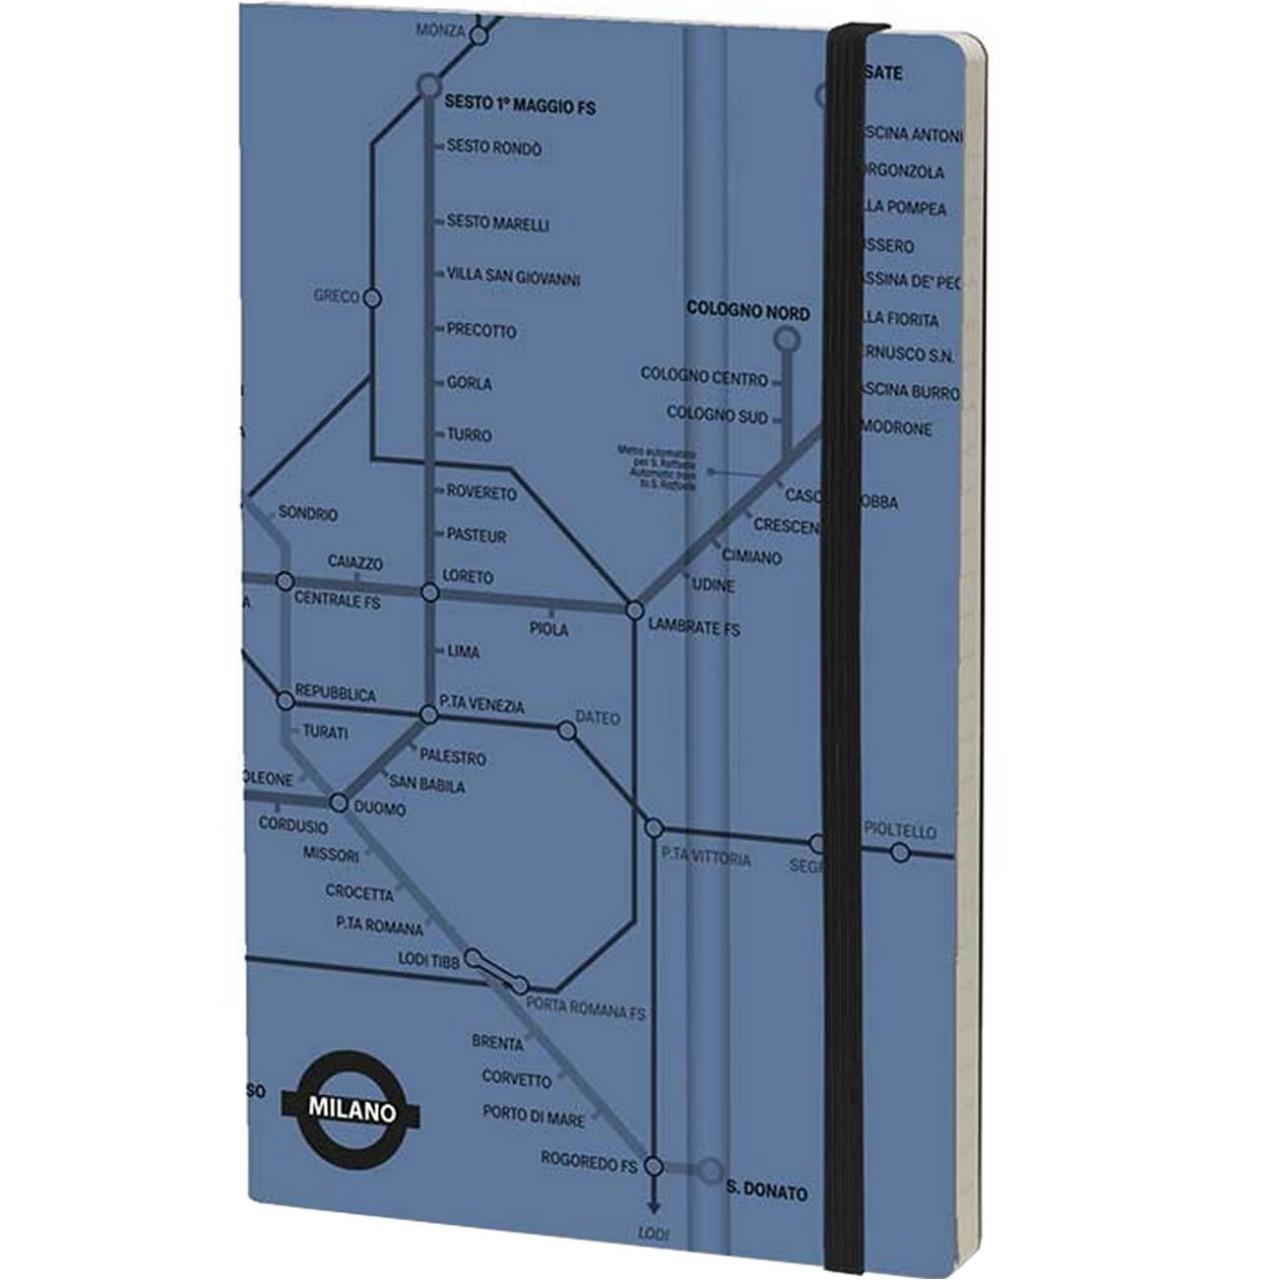 Stifflexible Notizbuch UNDERGROUND 13 x 21 cm 192 S., BLUE  (Milan)